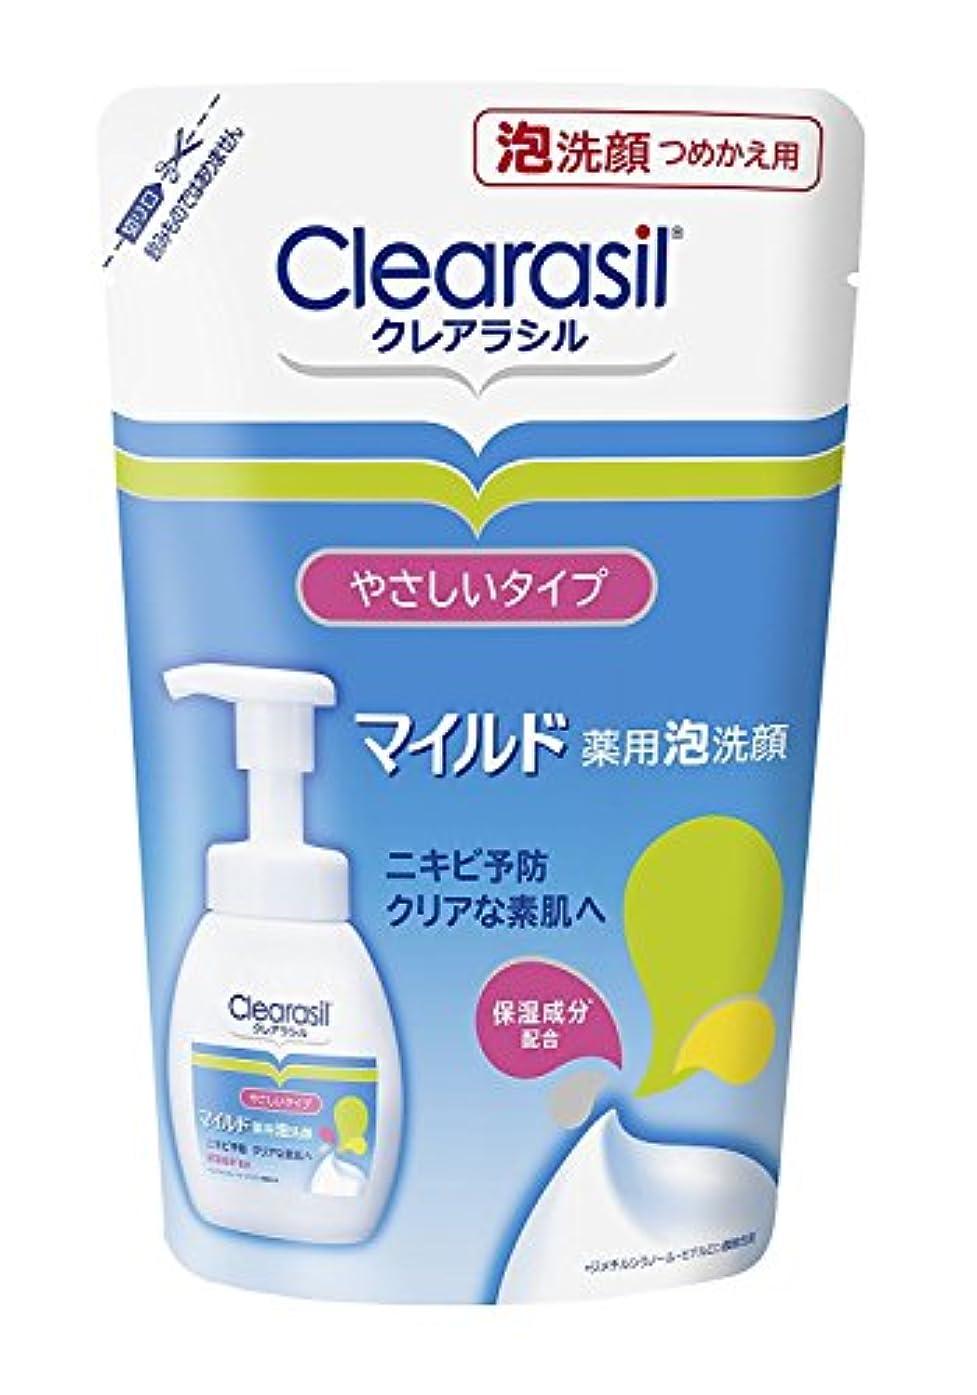 治す発明篭クレアラシル 薬用泡洗顔フォーム つめかえ用 180ml ×2セット